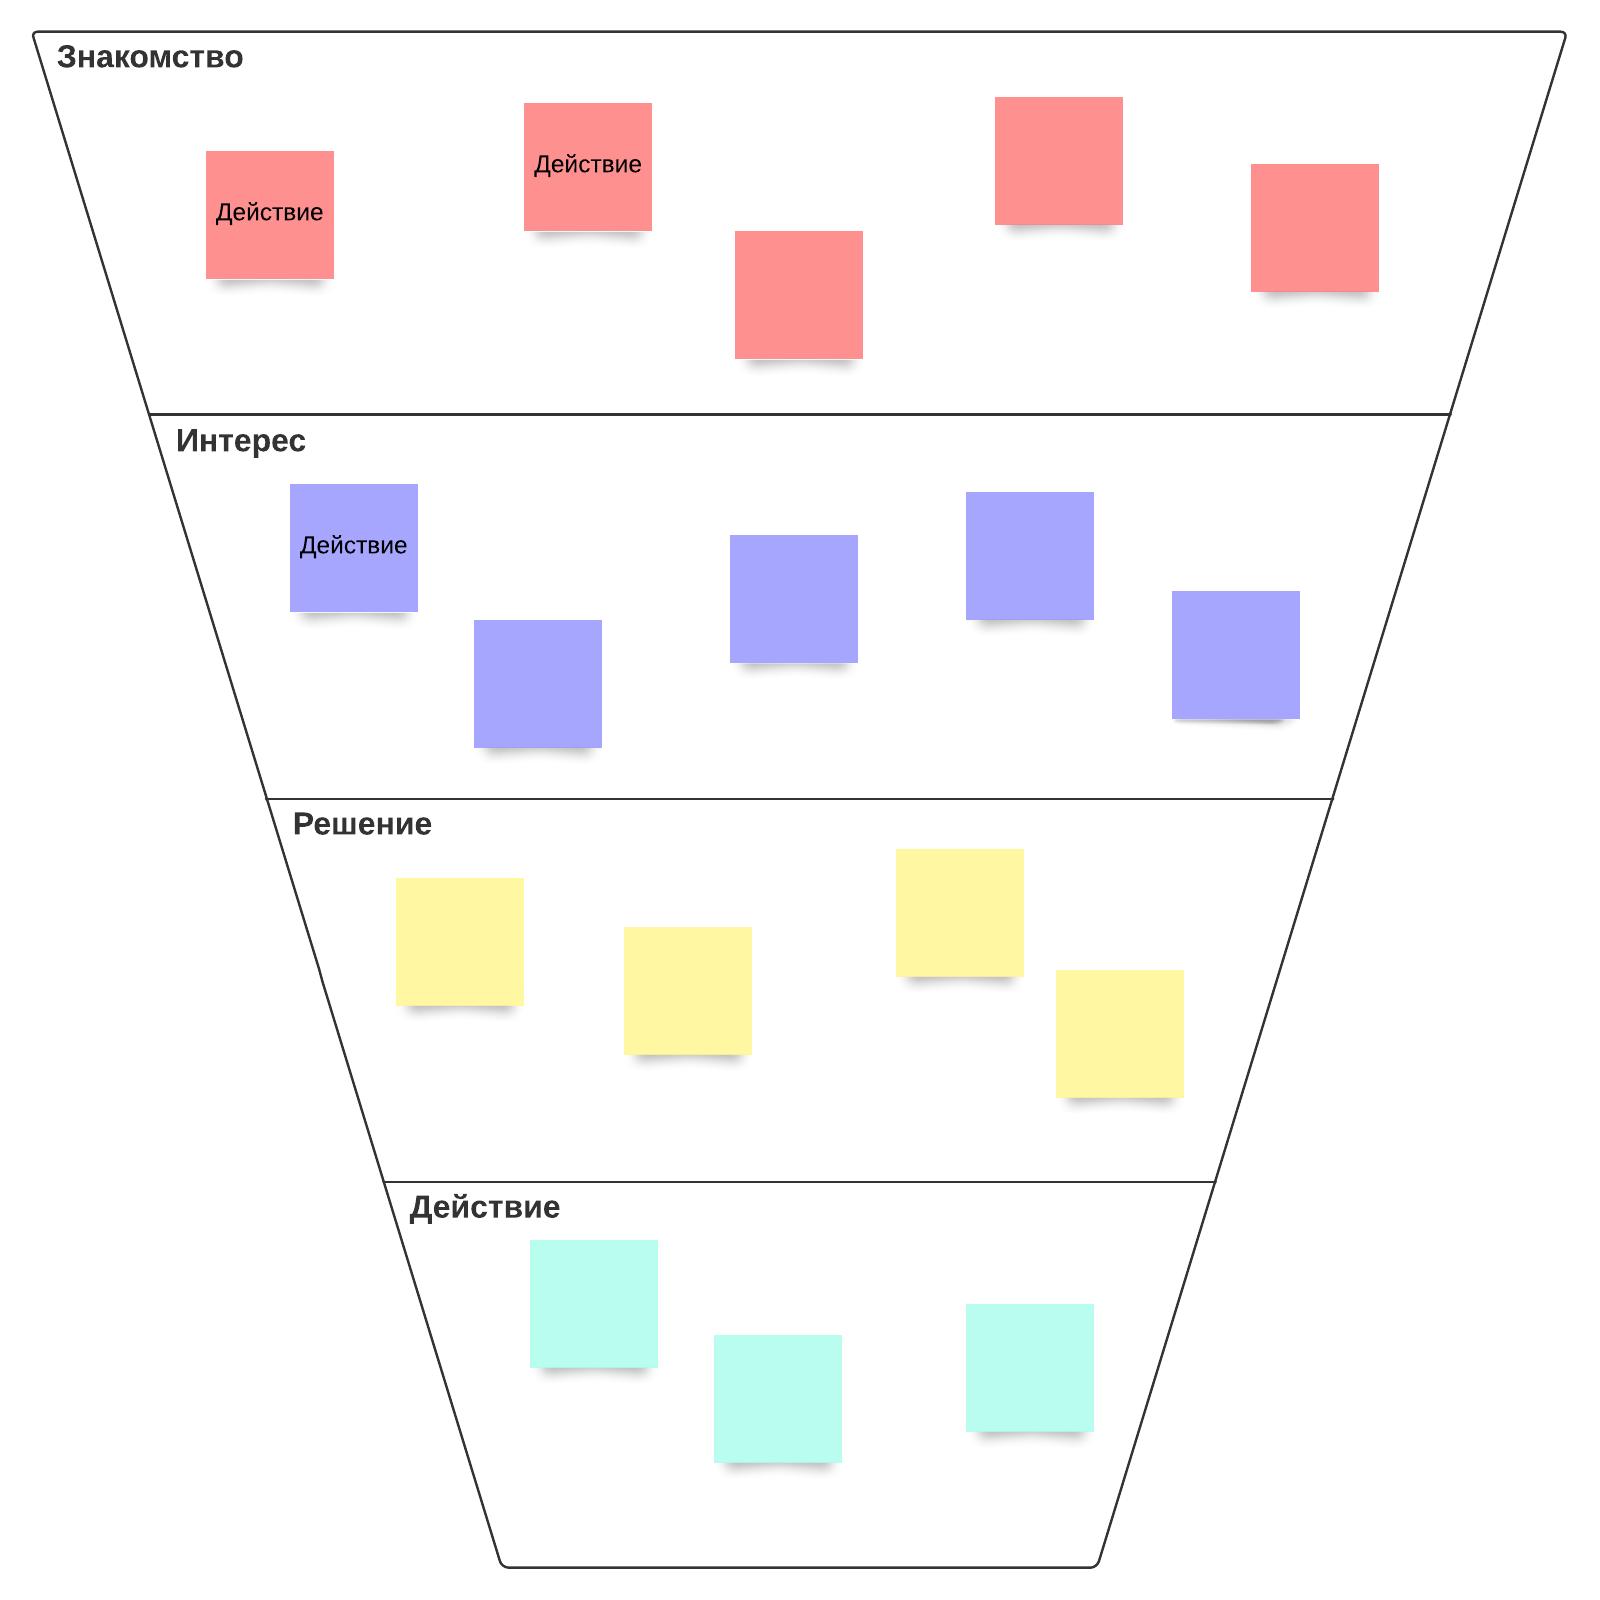 Схема воронки конверсии